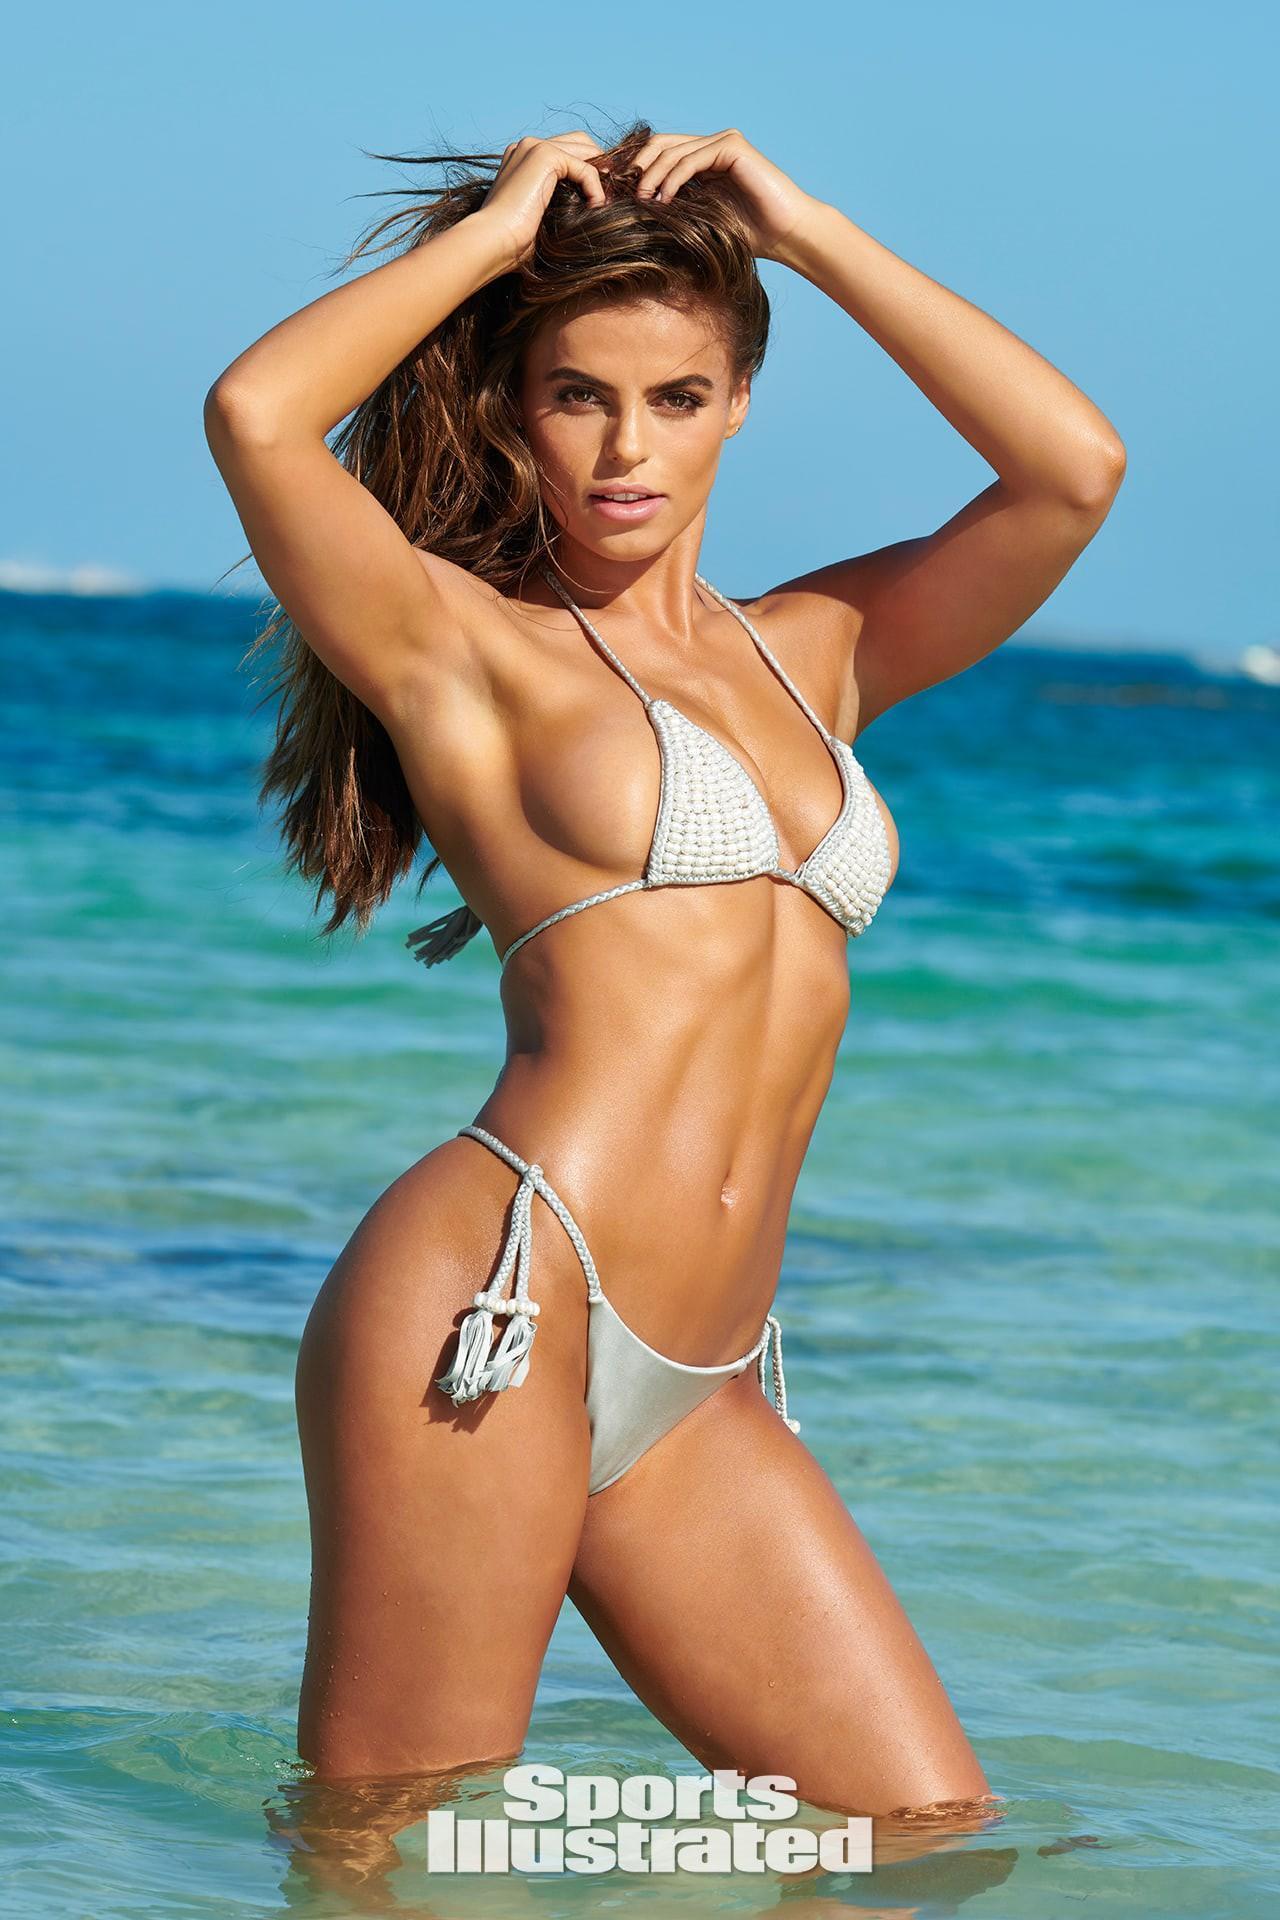 'Gà cưng' của tạp chí áo tắm danh tiếng Sports Illustrated đẹp gây mê ánh nhìn Ảnh 12